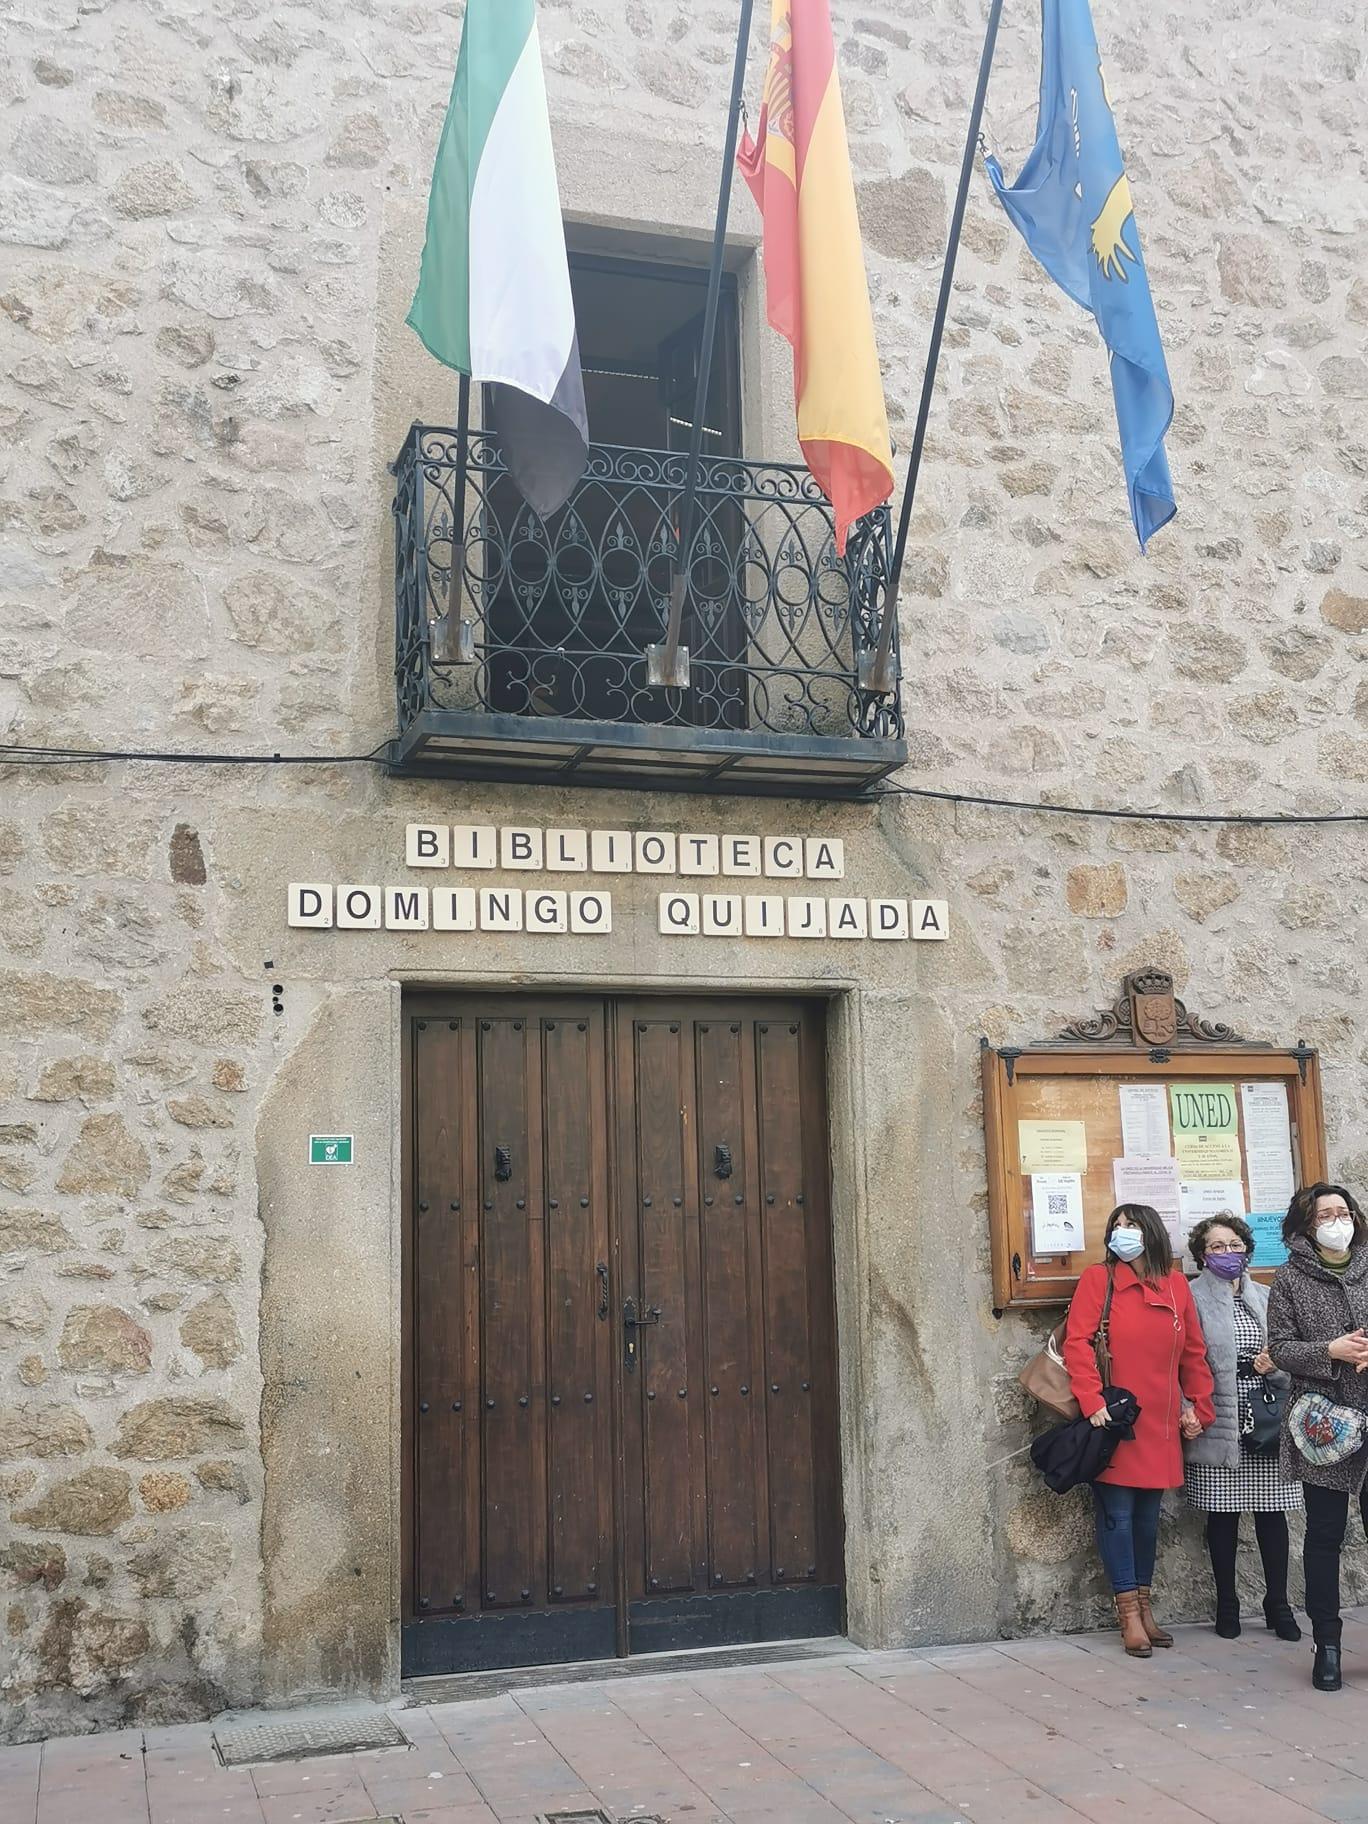 La familia de Domingo Quijada ha inaugurado la Biblioteca Municipal que desde hoy lleva su nombre.